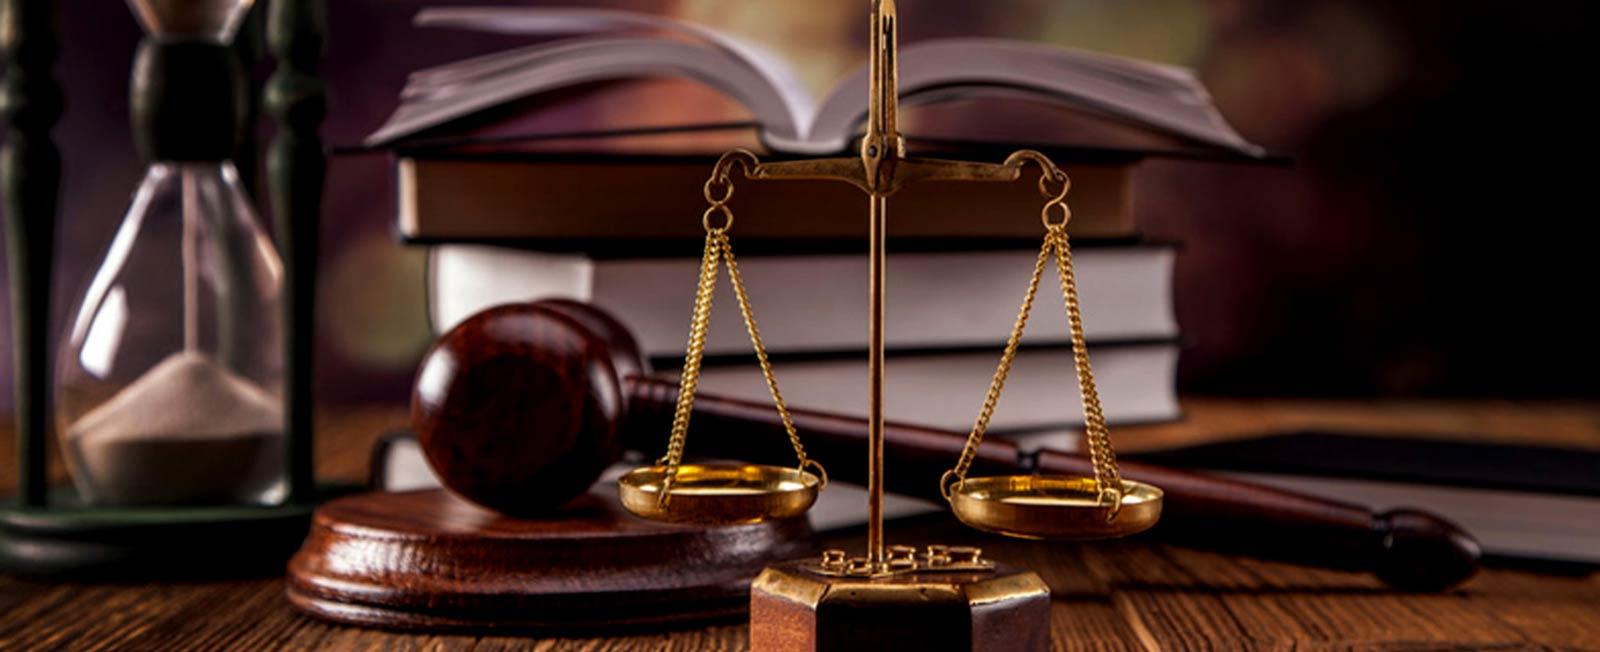 وکیل پایه یک دادگستری در طرقبه، شاندیز و گلبهار